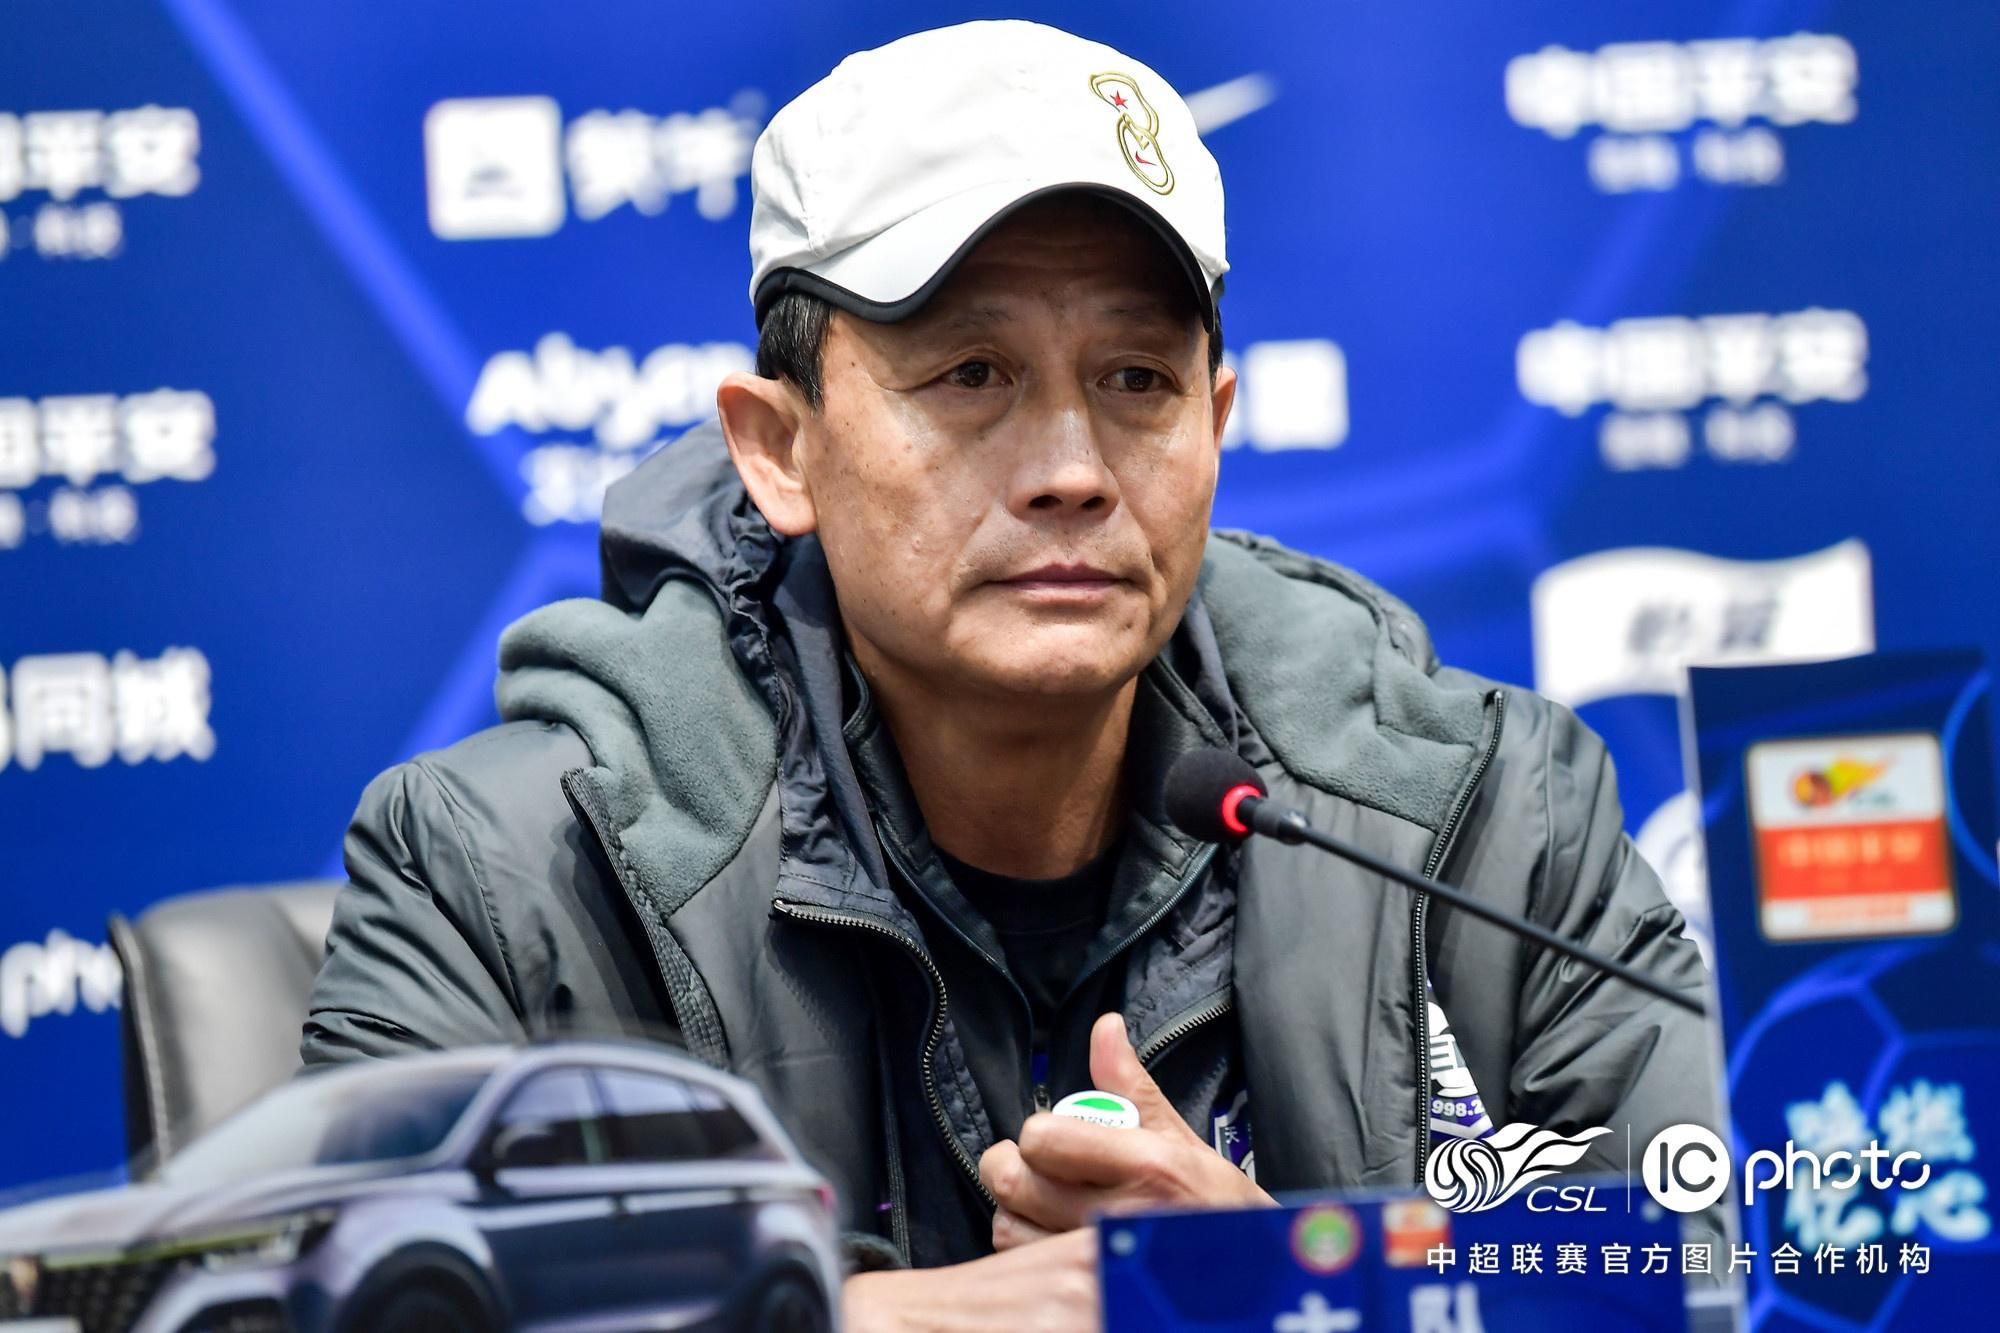 王宝山:落后时没有过于忧虑 团队比利马进球重要